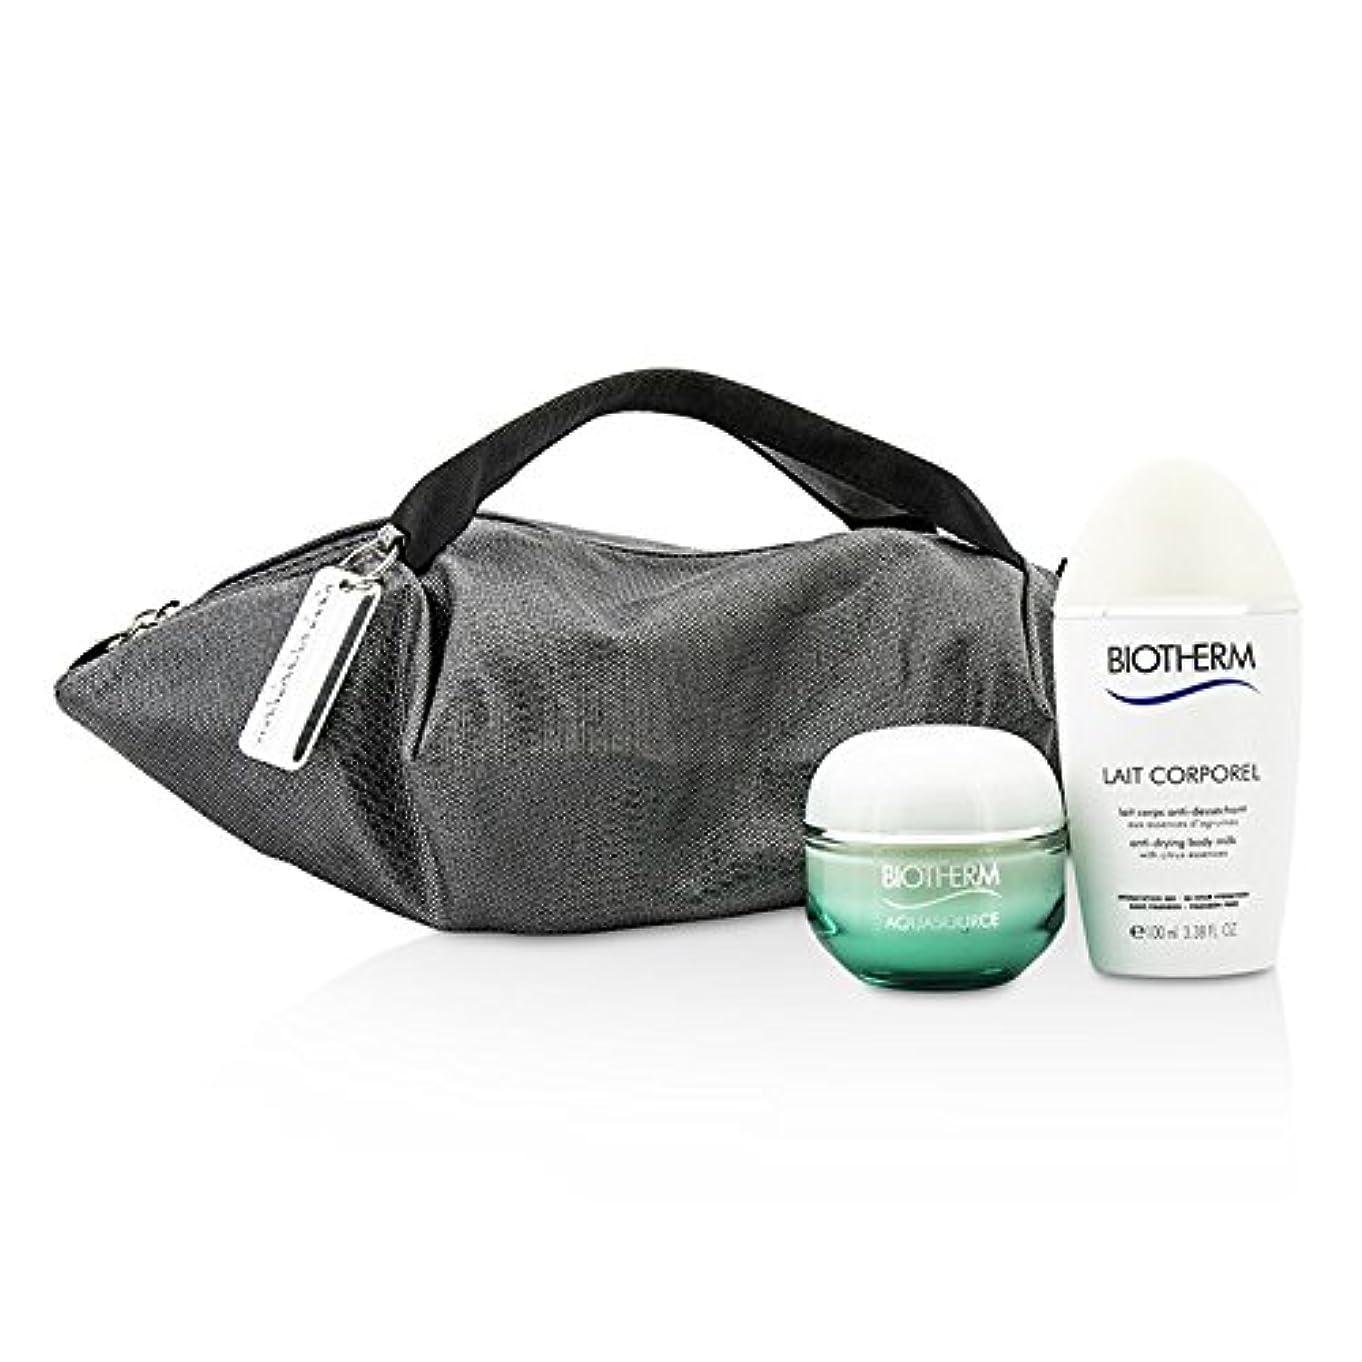 拡声器知り合いカテゴリービオテルム Aquasource & Body Care X Mandarina Duck Coffret: Cream N/C 50ml + Anti-Drying Body Care 100ml + Handle Bag...